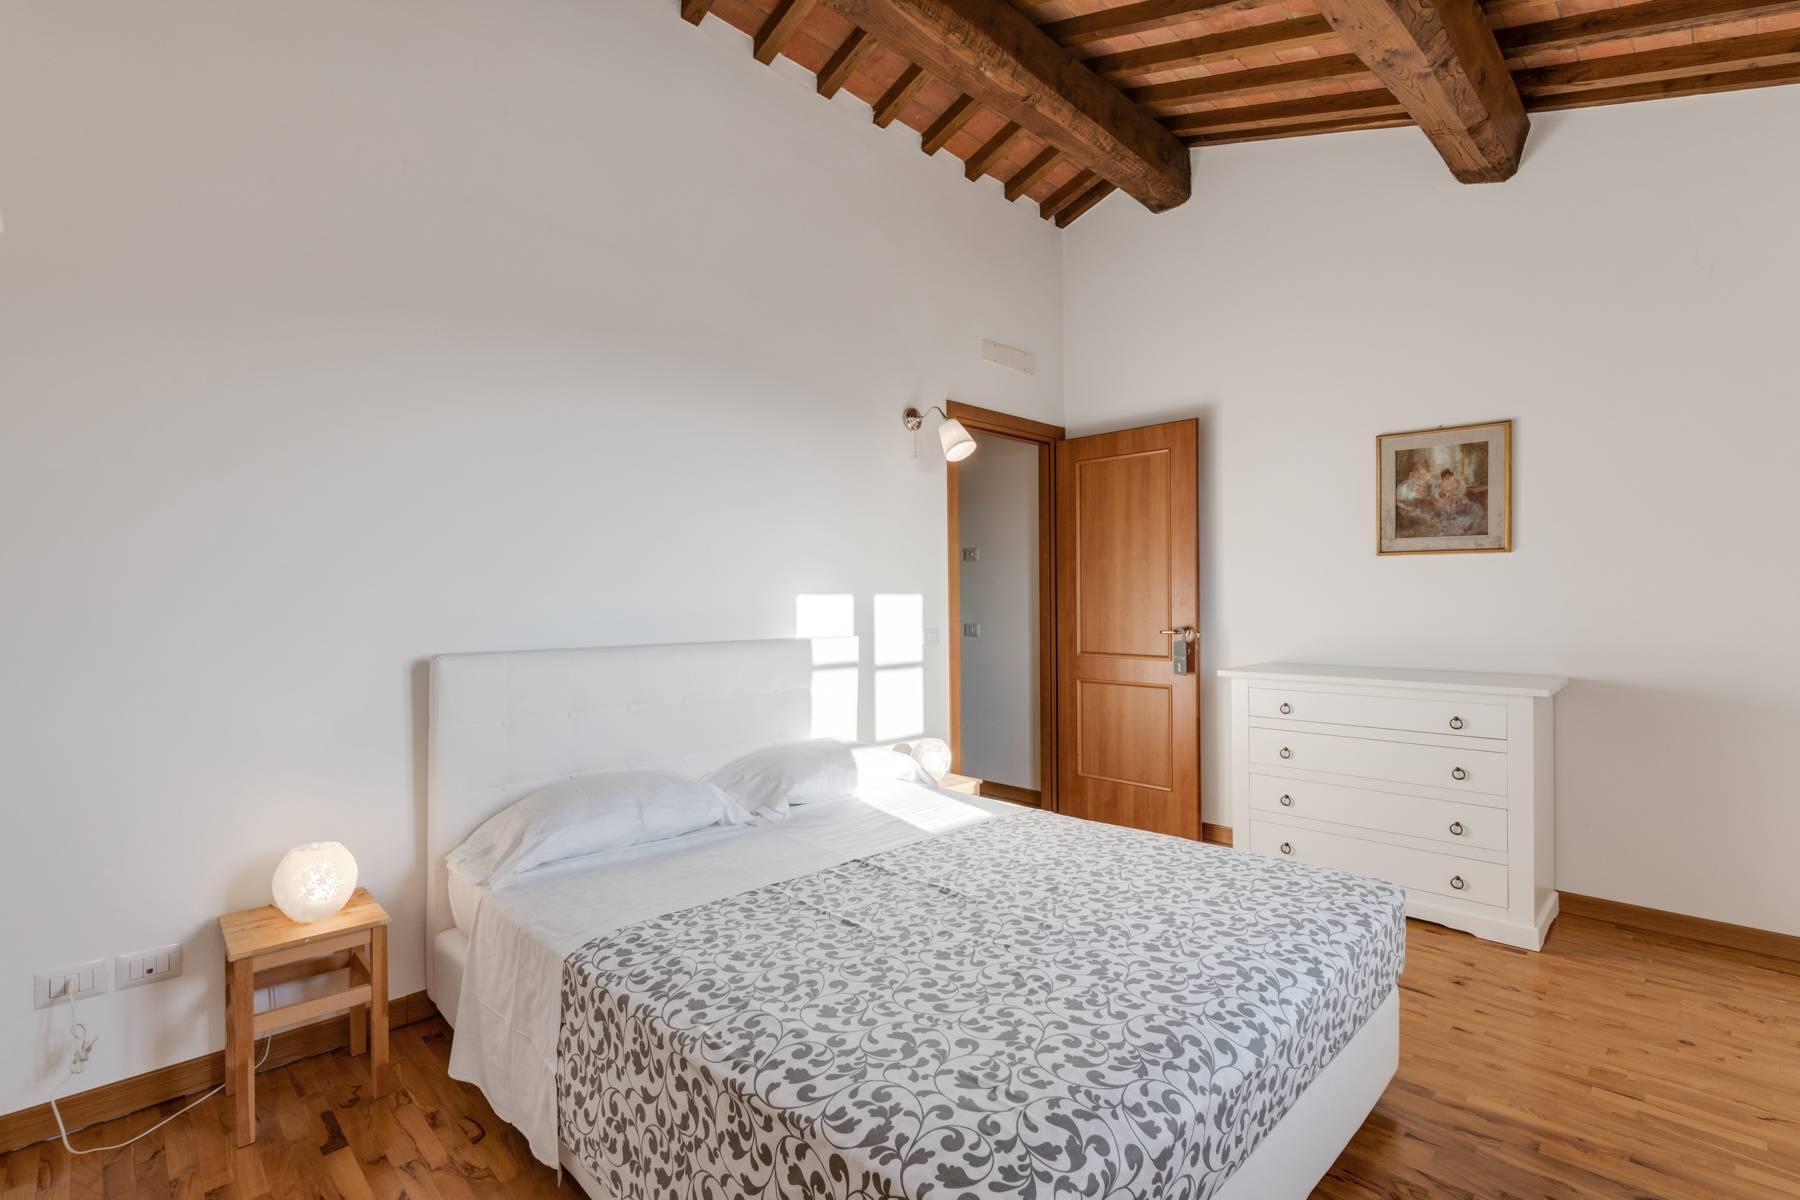 Charmante maison de campagne avec piscine sur les collines toscanes - 18